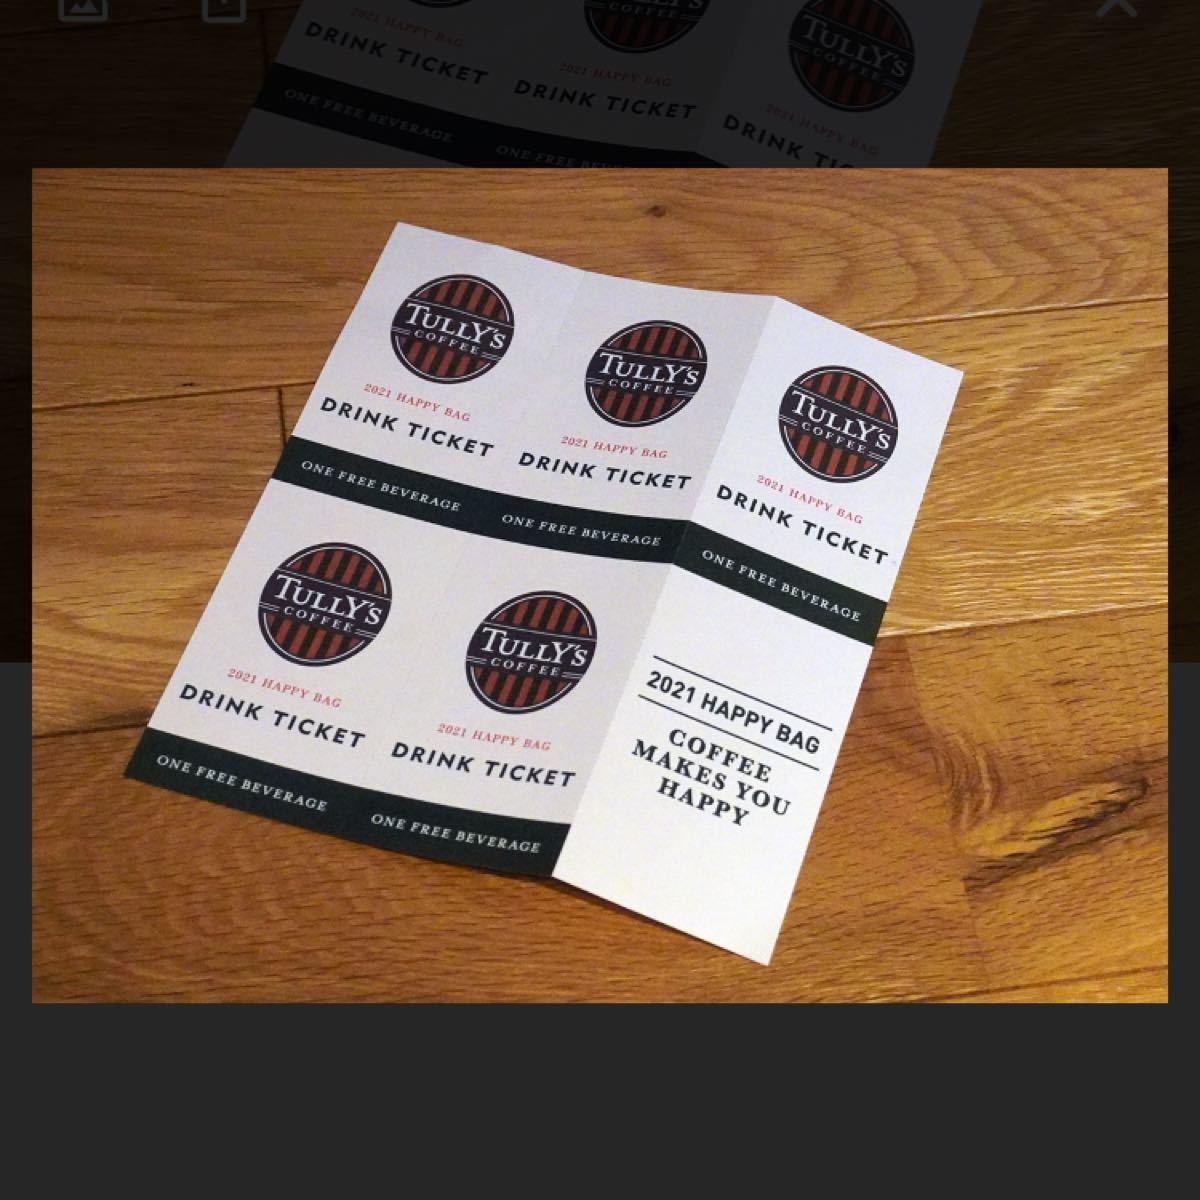 TULLY''S タリーズコーヒー コーヒーチケット 5枚 福袋 ドリンク券 ドリンクチケット タリーズコーヒー ドリンクチケット